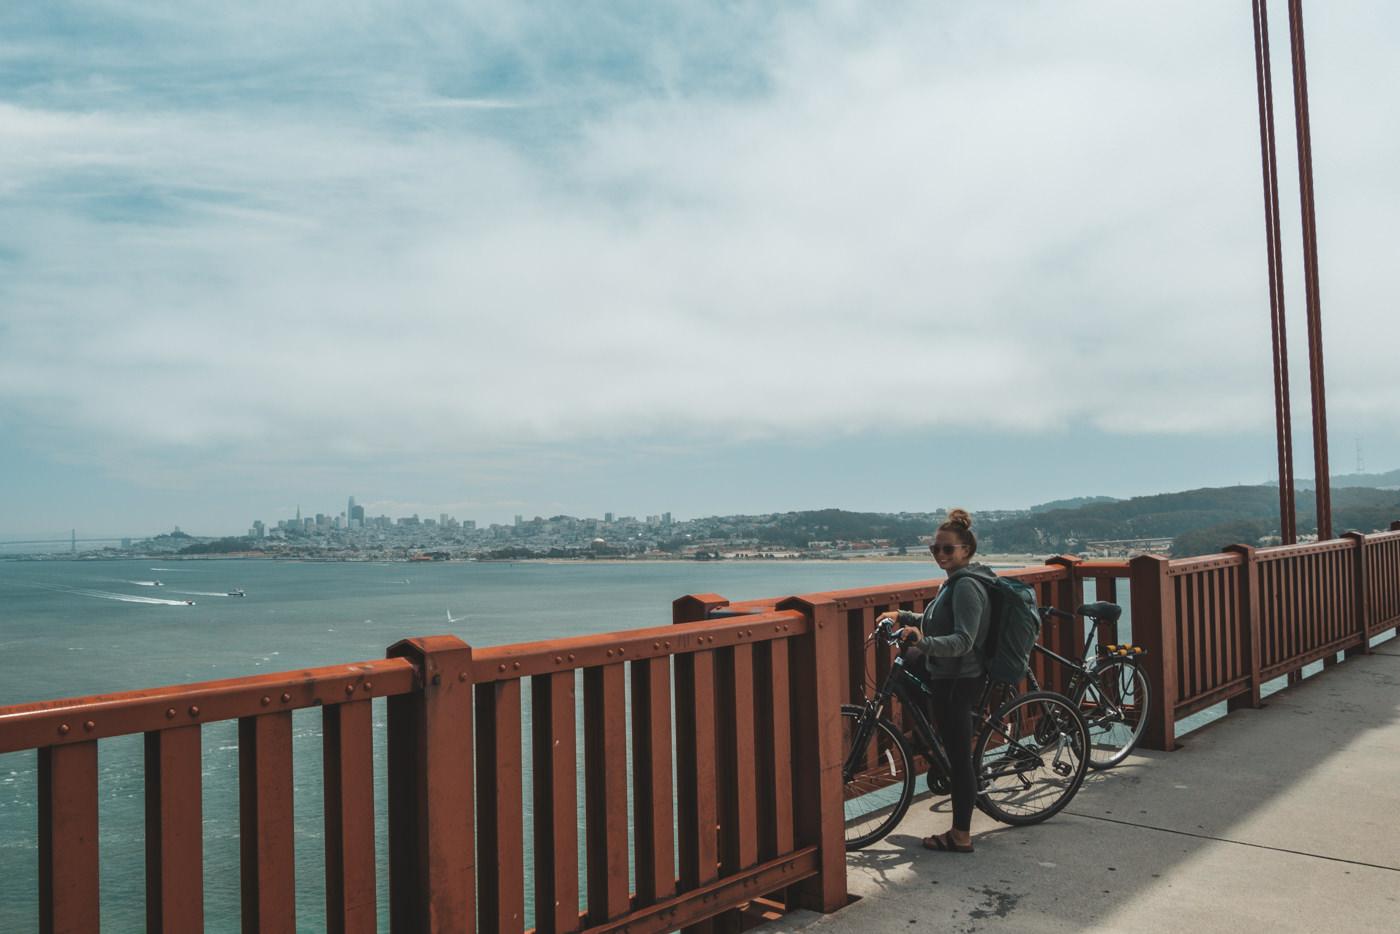 Julia mit dem Fahrrad auf der Golden Gate Bridge in San Francisco